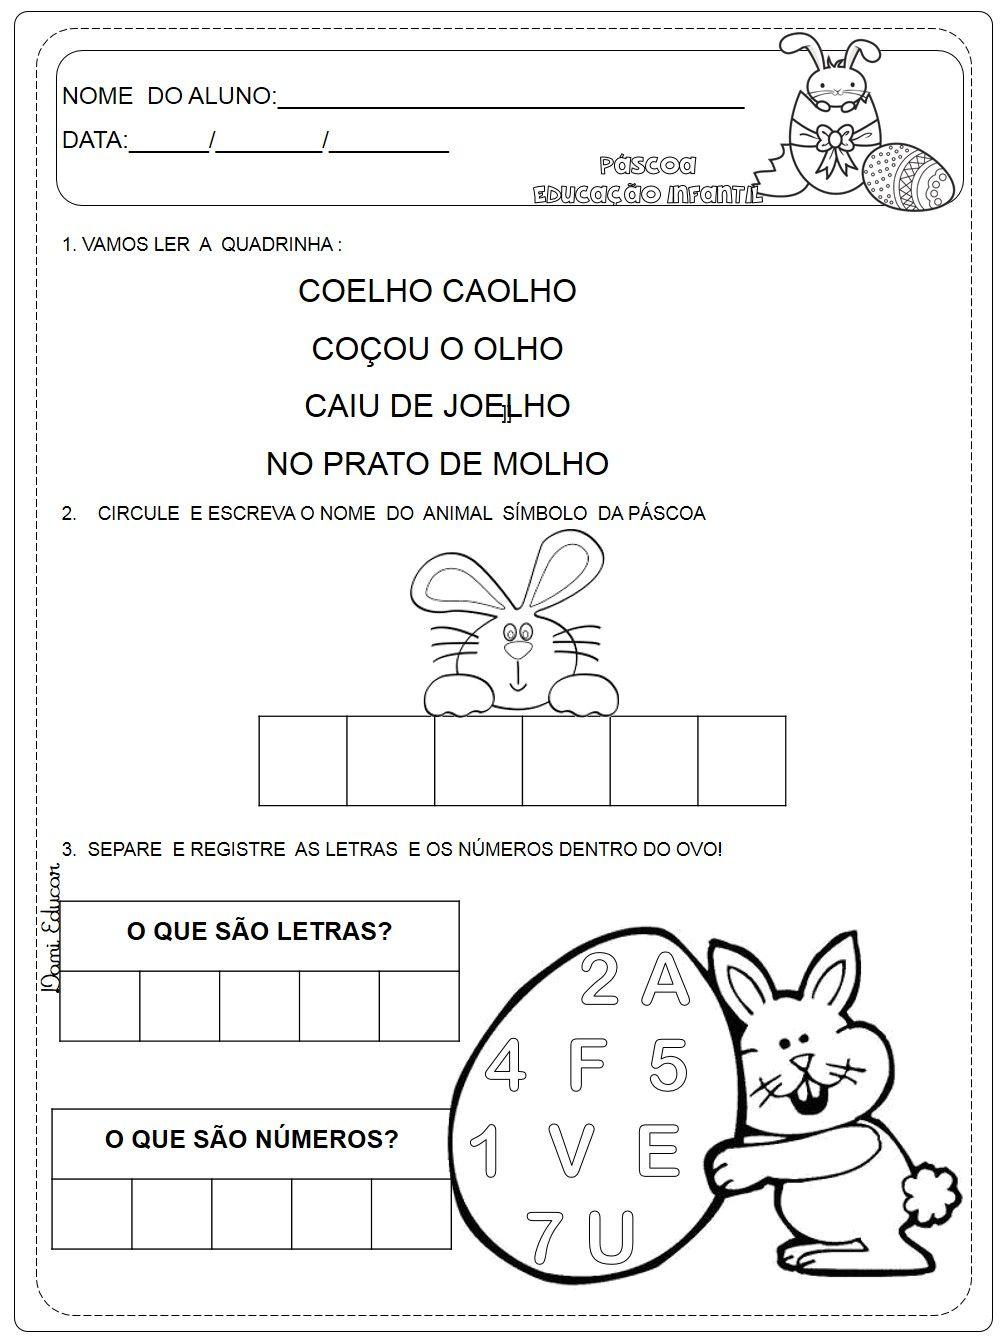 Atividades De Matematica Educacao Infantil Pascoa Com Imagens